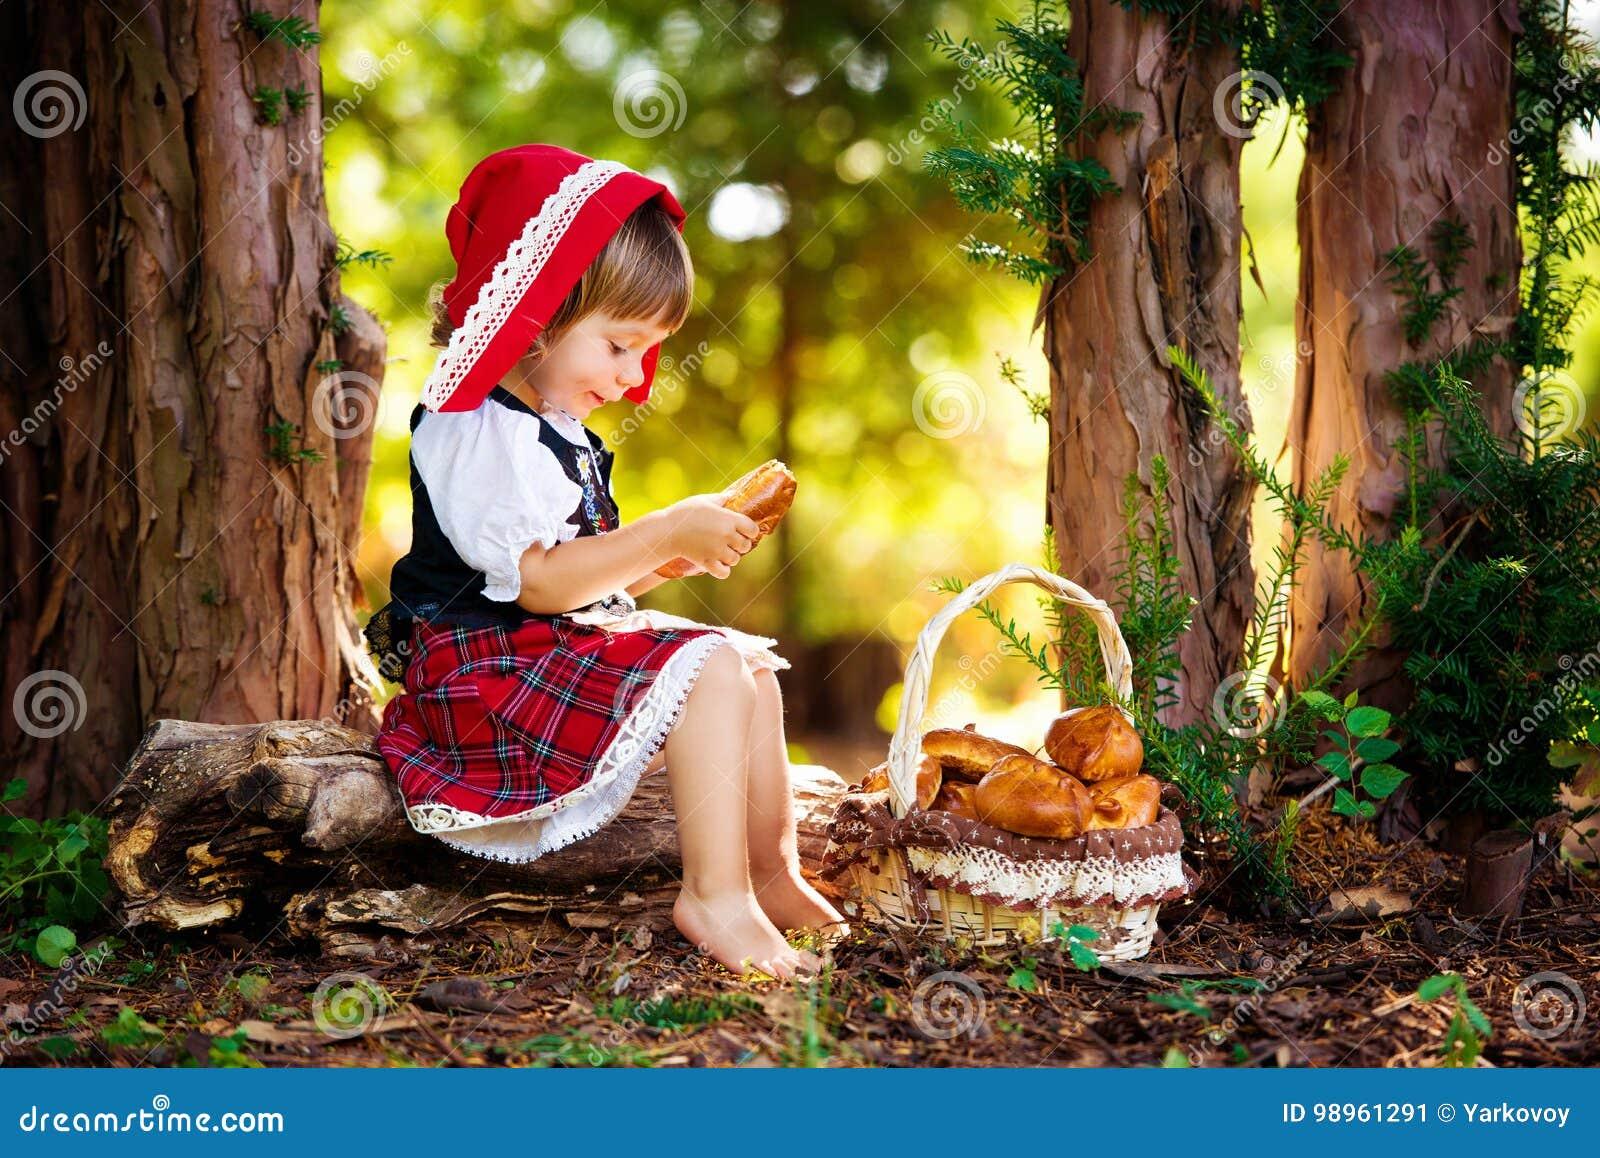 Weinig Rode Berijdende Kap in het bos zit op een logboek met een mand van pastei